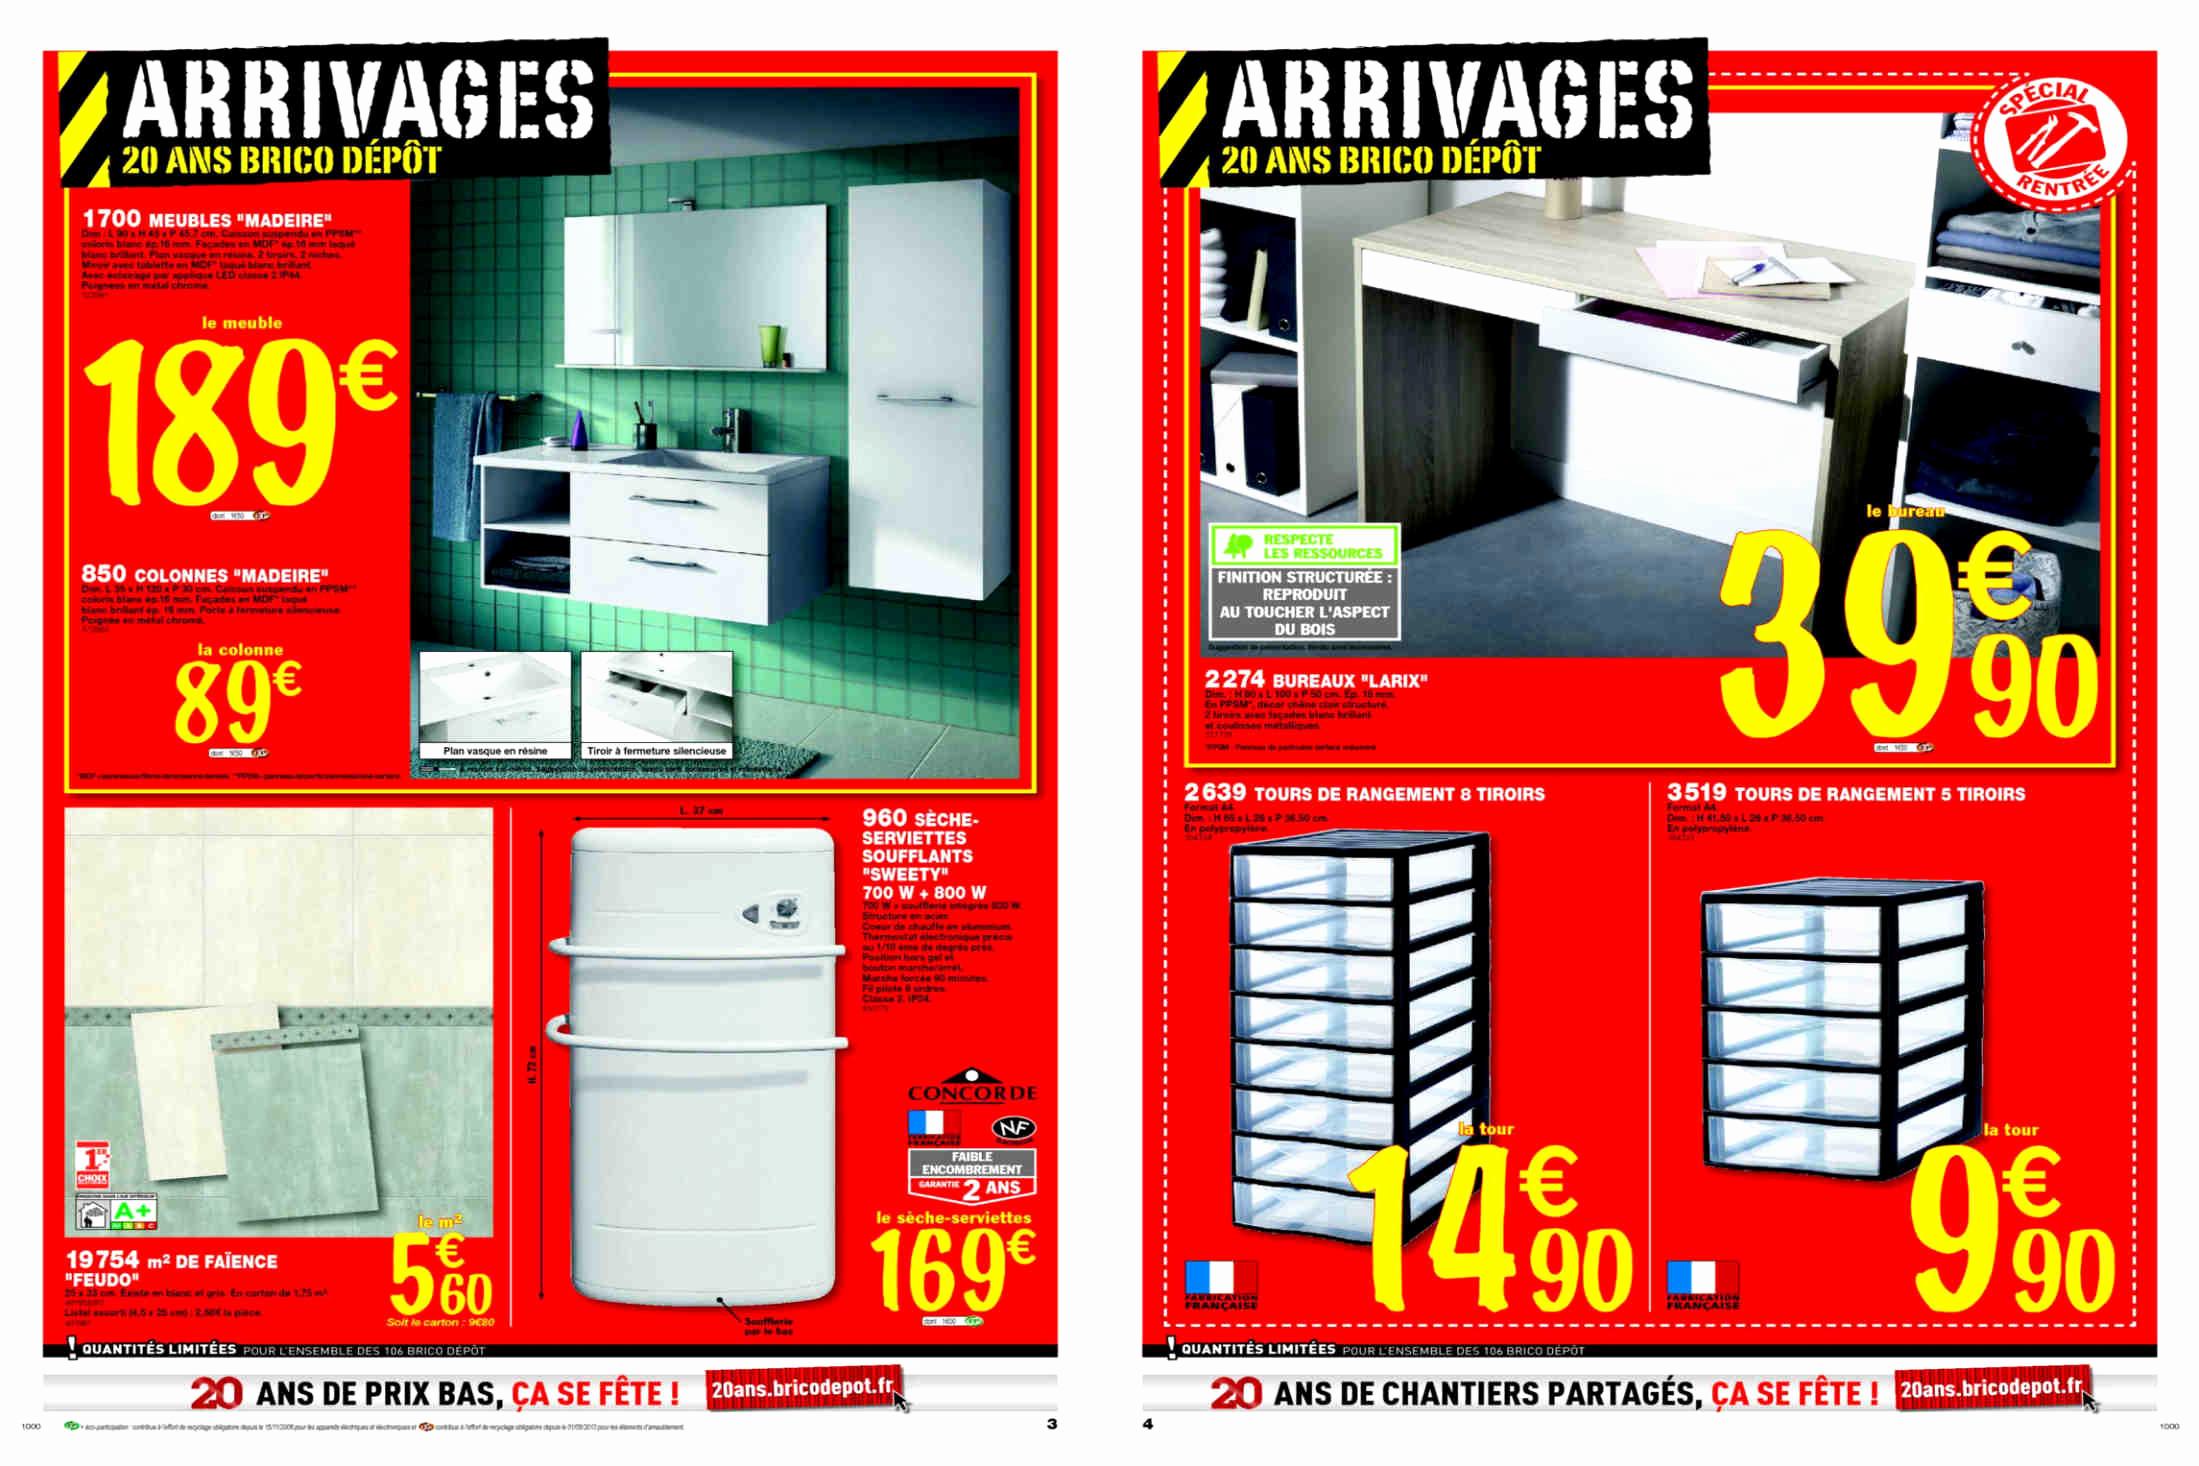 Horaire Brico Depot tours Meilleur De Photos 32 Nouveau De Brico Depot Carrelage Salle De Bain